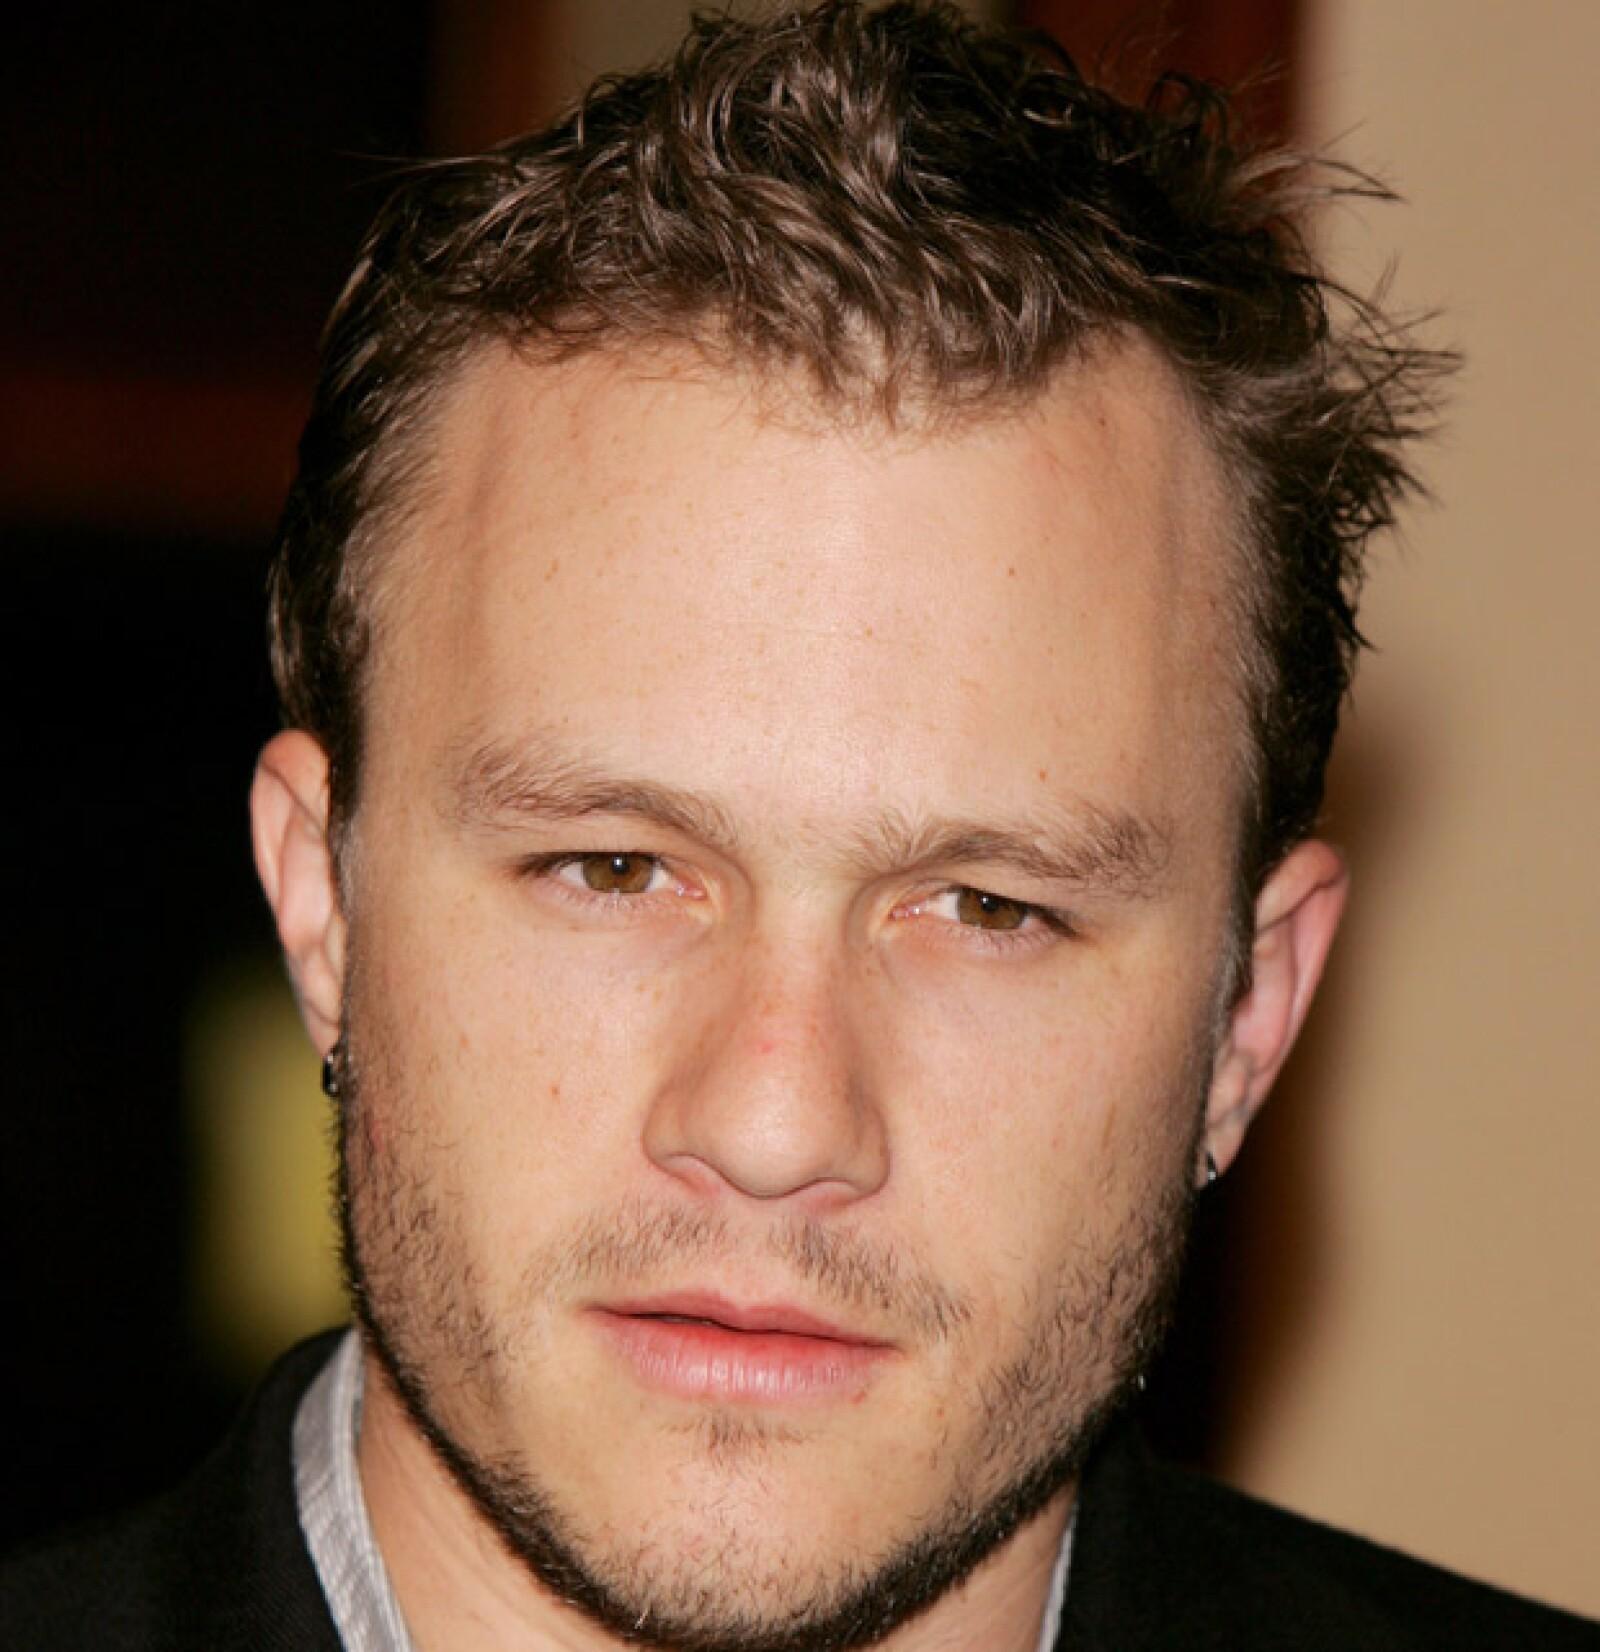 Heath Ledger y Joseph Gordon-Levitt tienen labios, nariz y cejas casi idénticas.